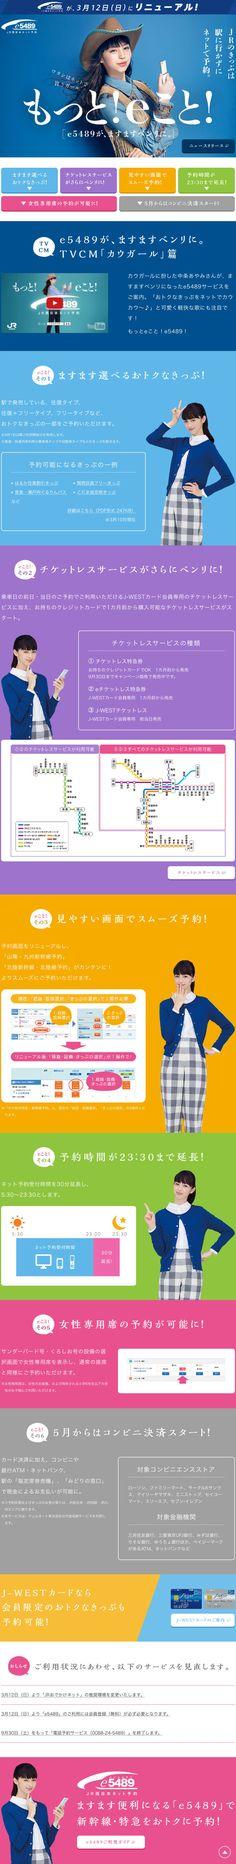 もっと!eこと!【インターネットサービス関連】のLPデザイン。WEBデザイナーさん必見!スマホランディングページのデザイン参考に(シンプル系)